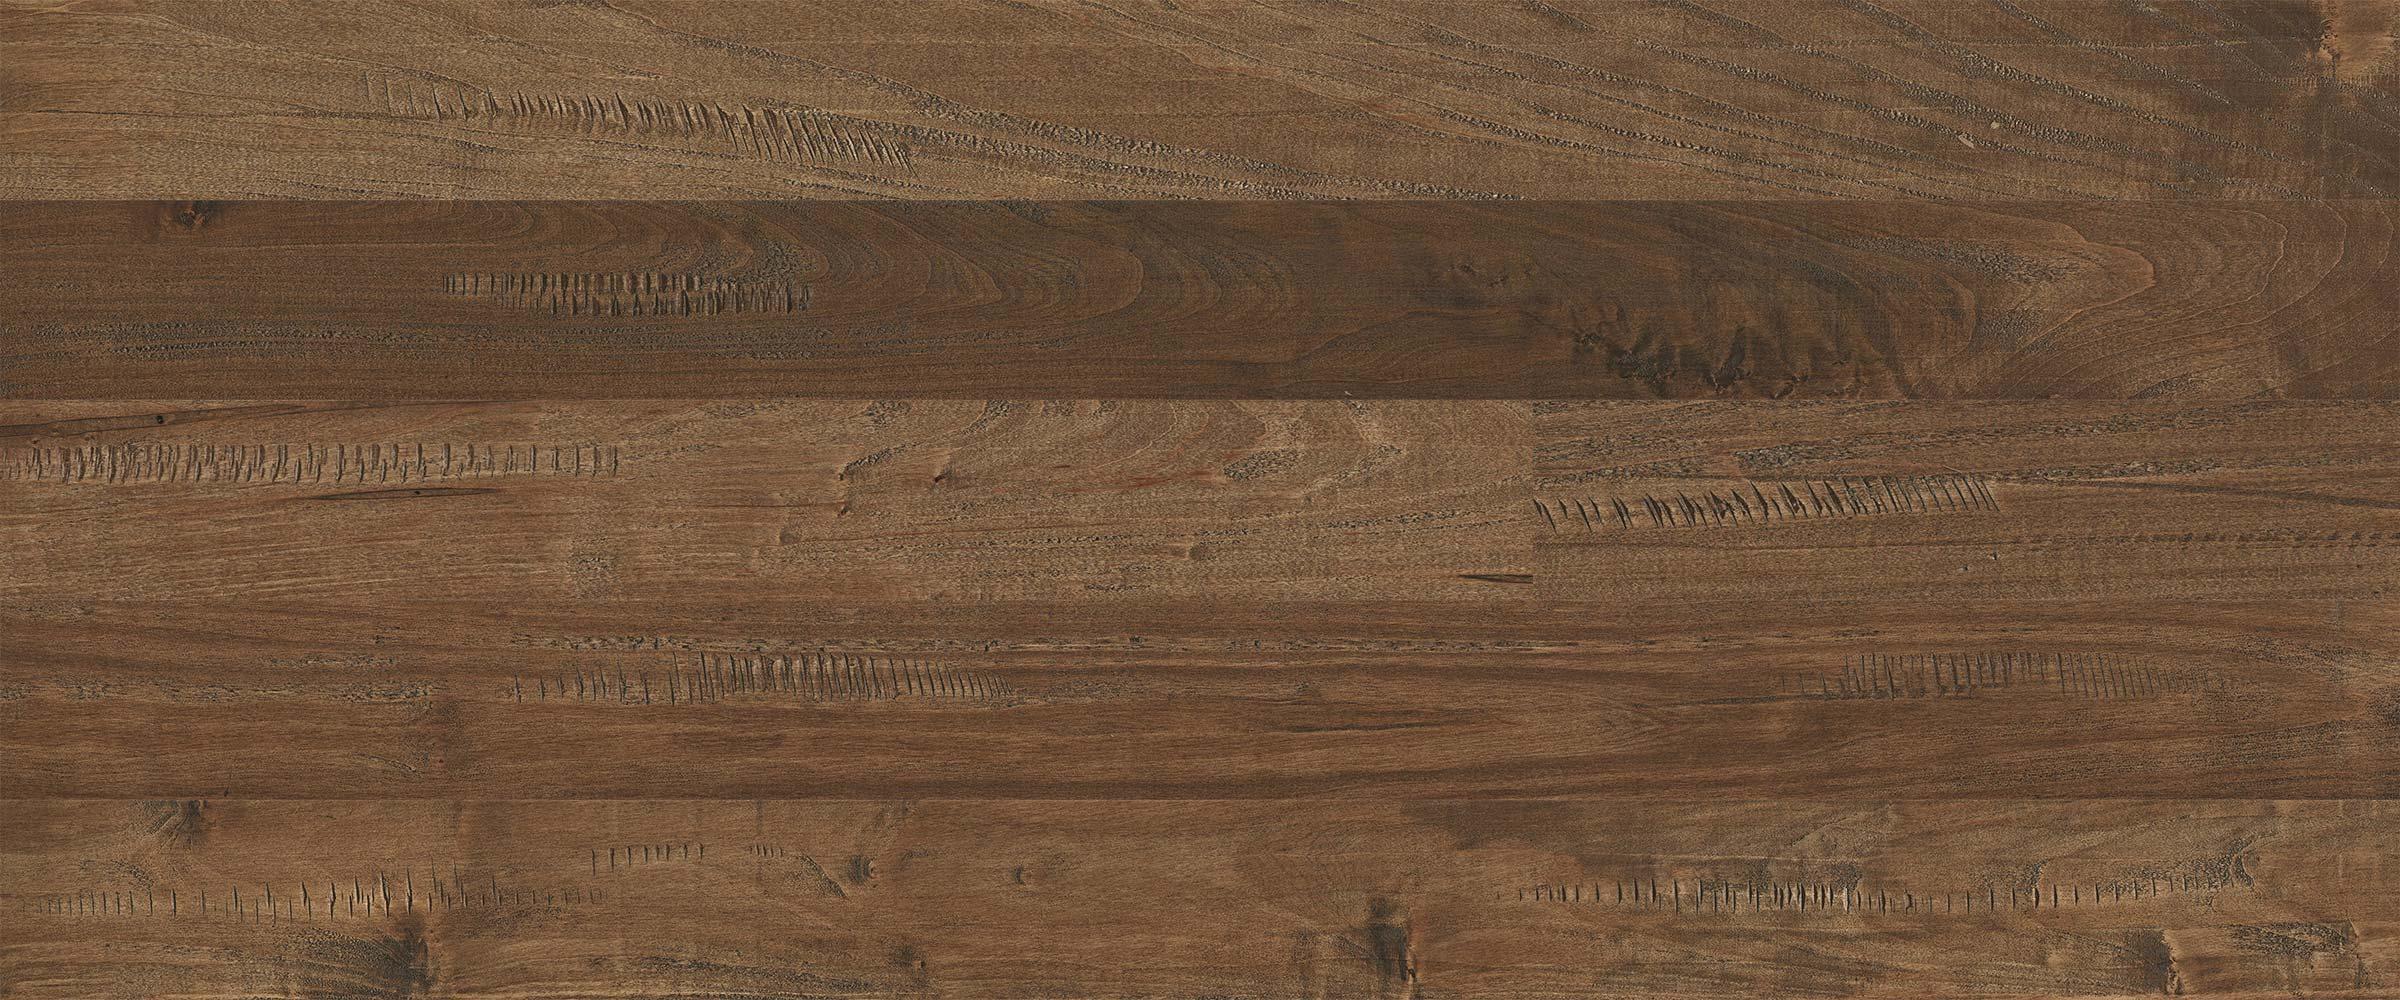 rustic hand scraped hardwood flooring of kingsmill sierra maple handscraped 4 wide 3 4 solid hardwood flooring throughout sierra maple m ualpsra4 4 x 48 horizontal